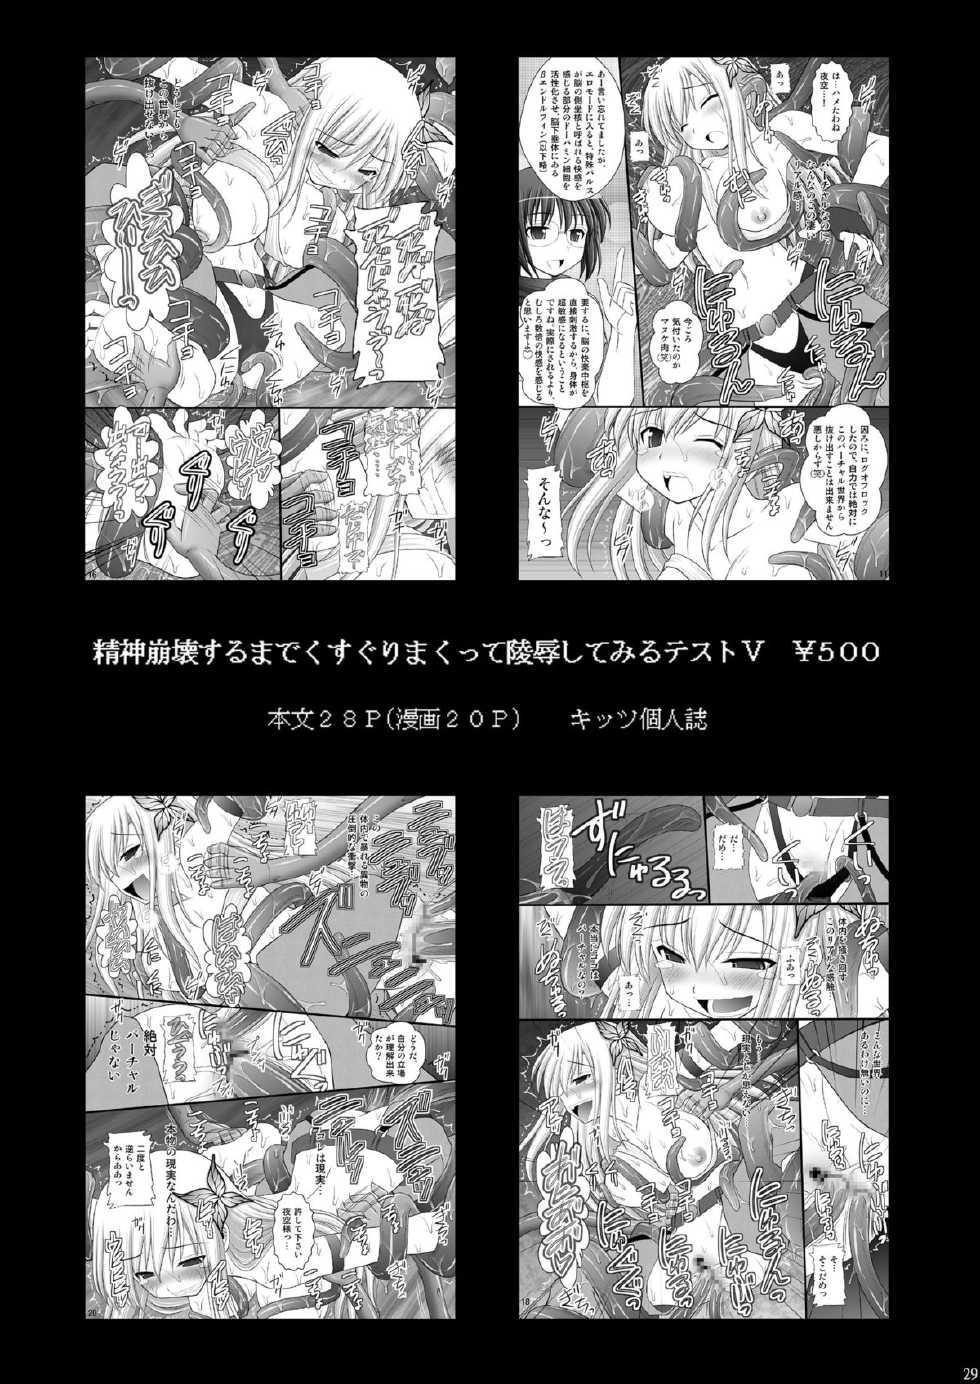 Seishinhoukai Surumade Kusugurimakutte Ryoujoku Shitemiru Test VI & VIII 29